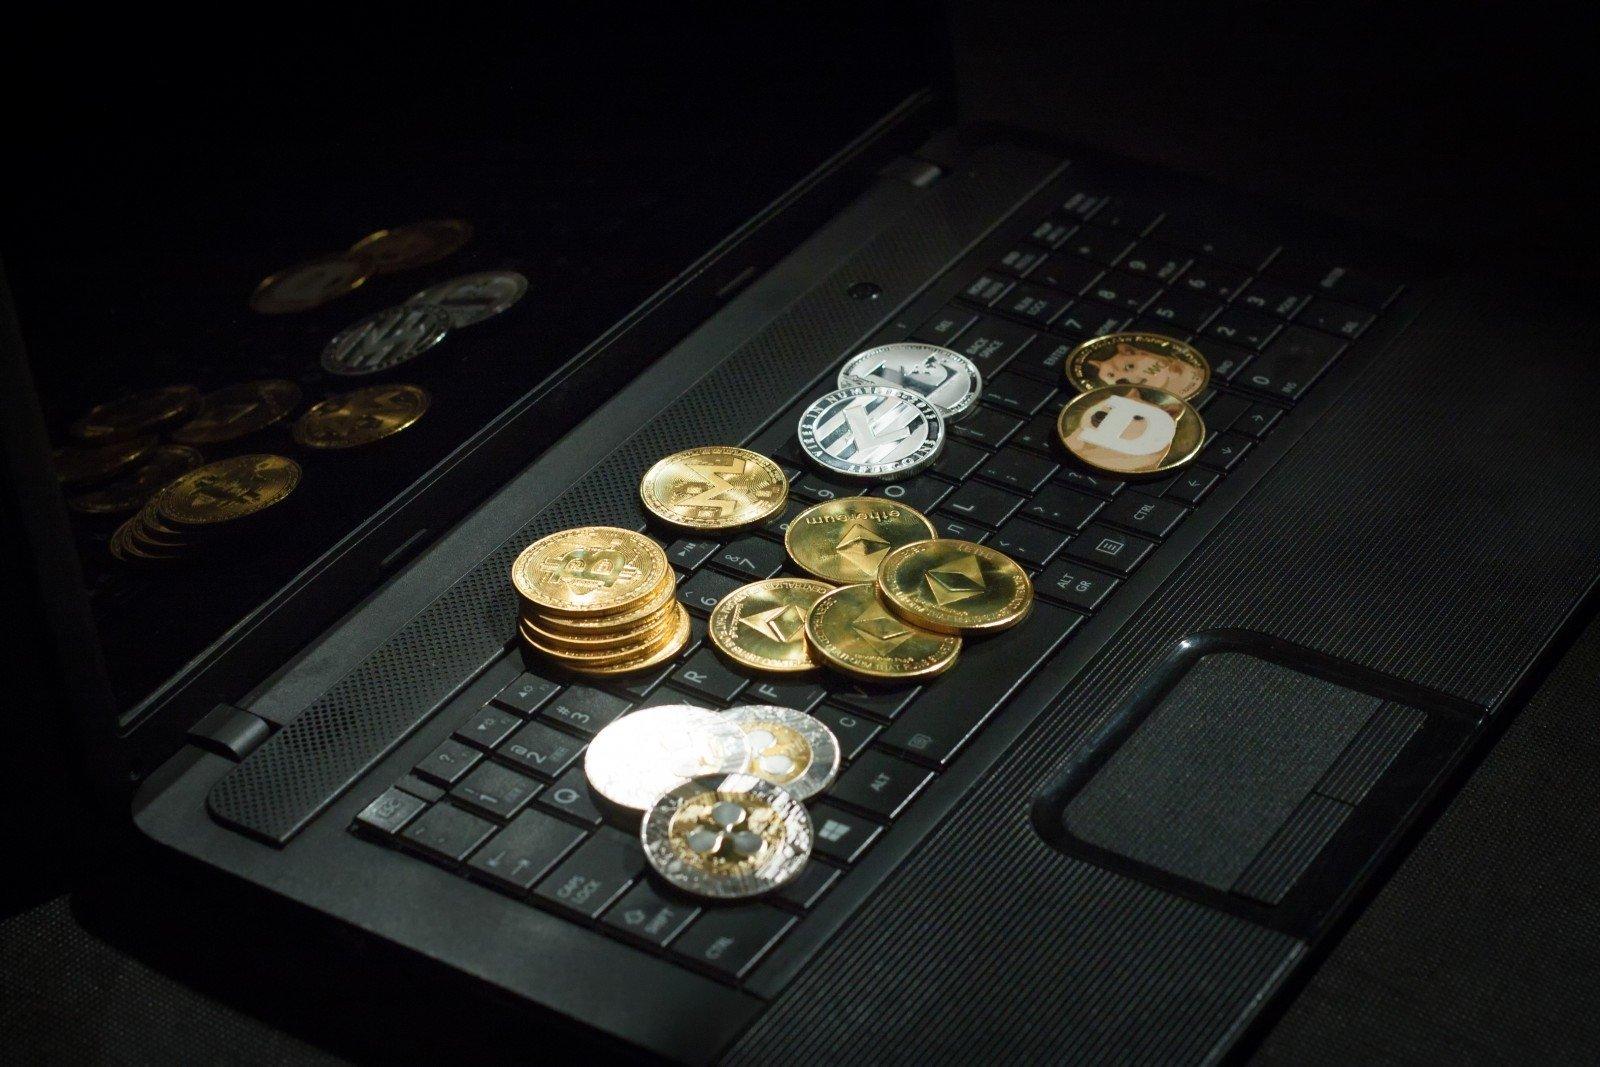 kriptovaliutos keitimo saulėtekis visų laikų bitcoin kaina